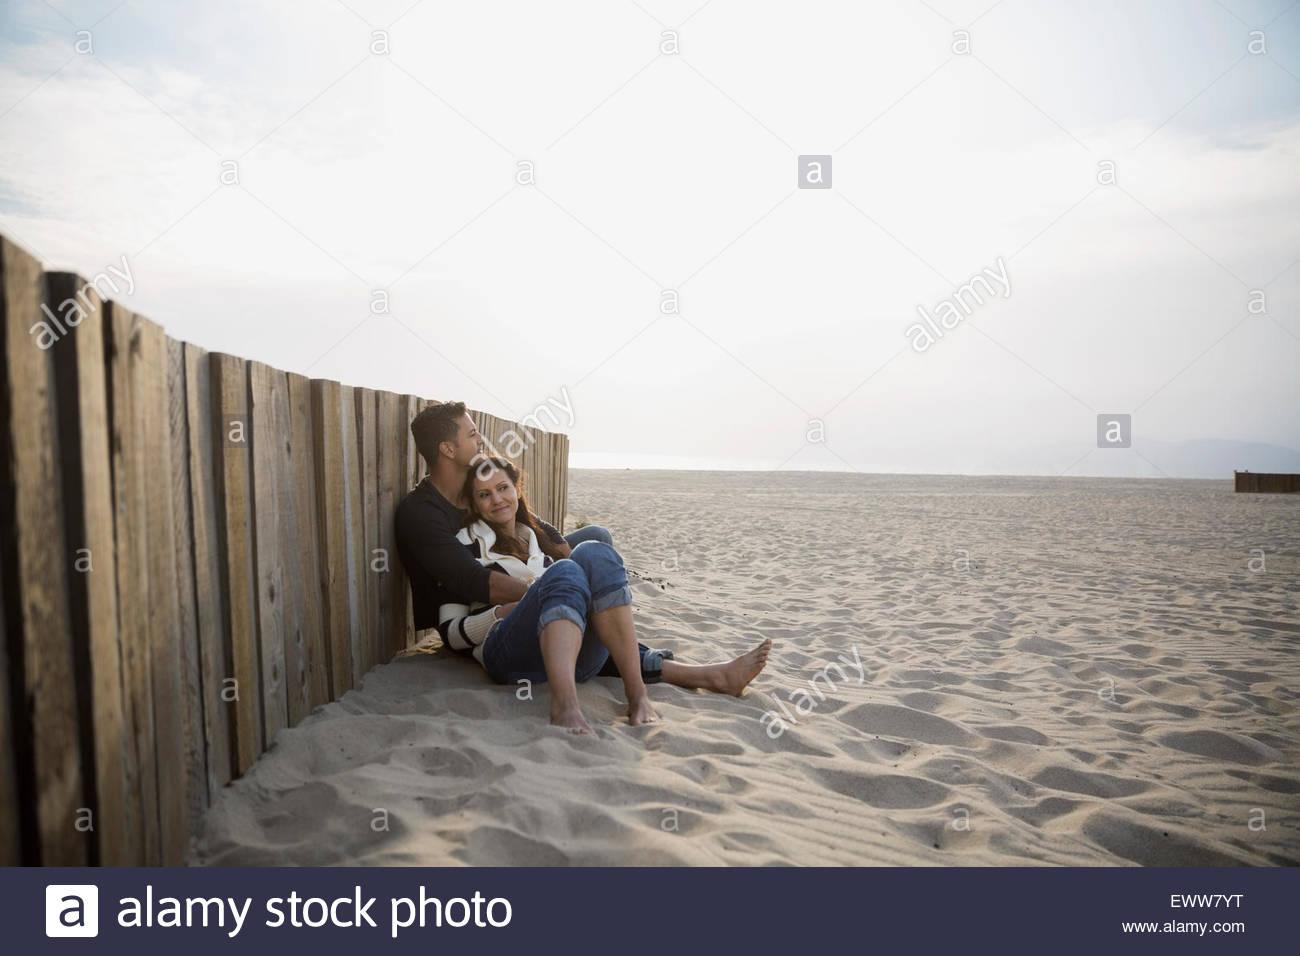 Libre à plage mur Photo Stock